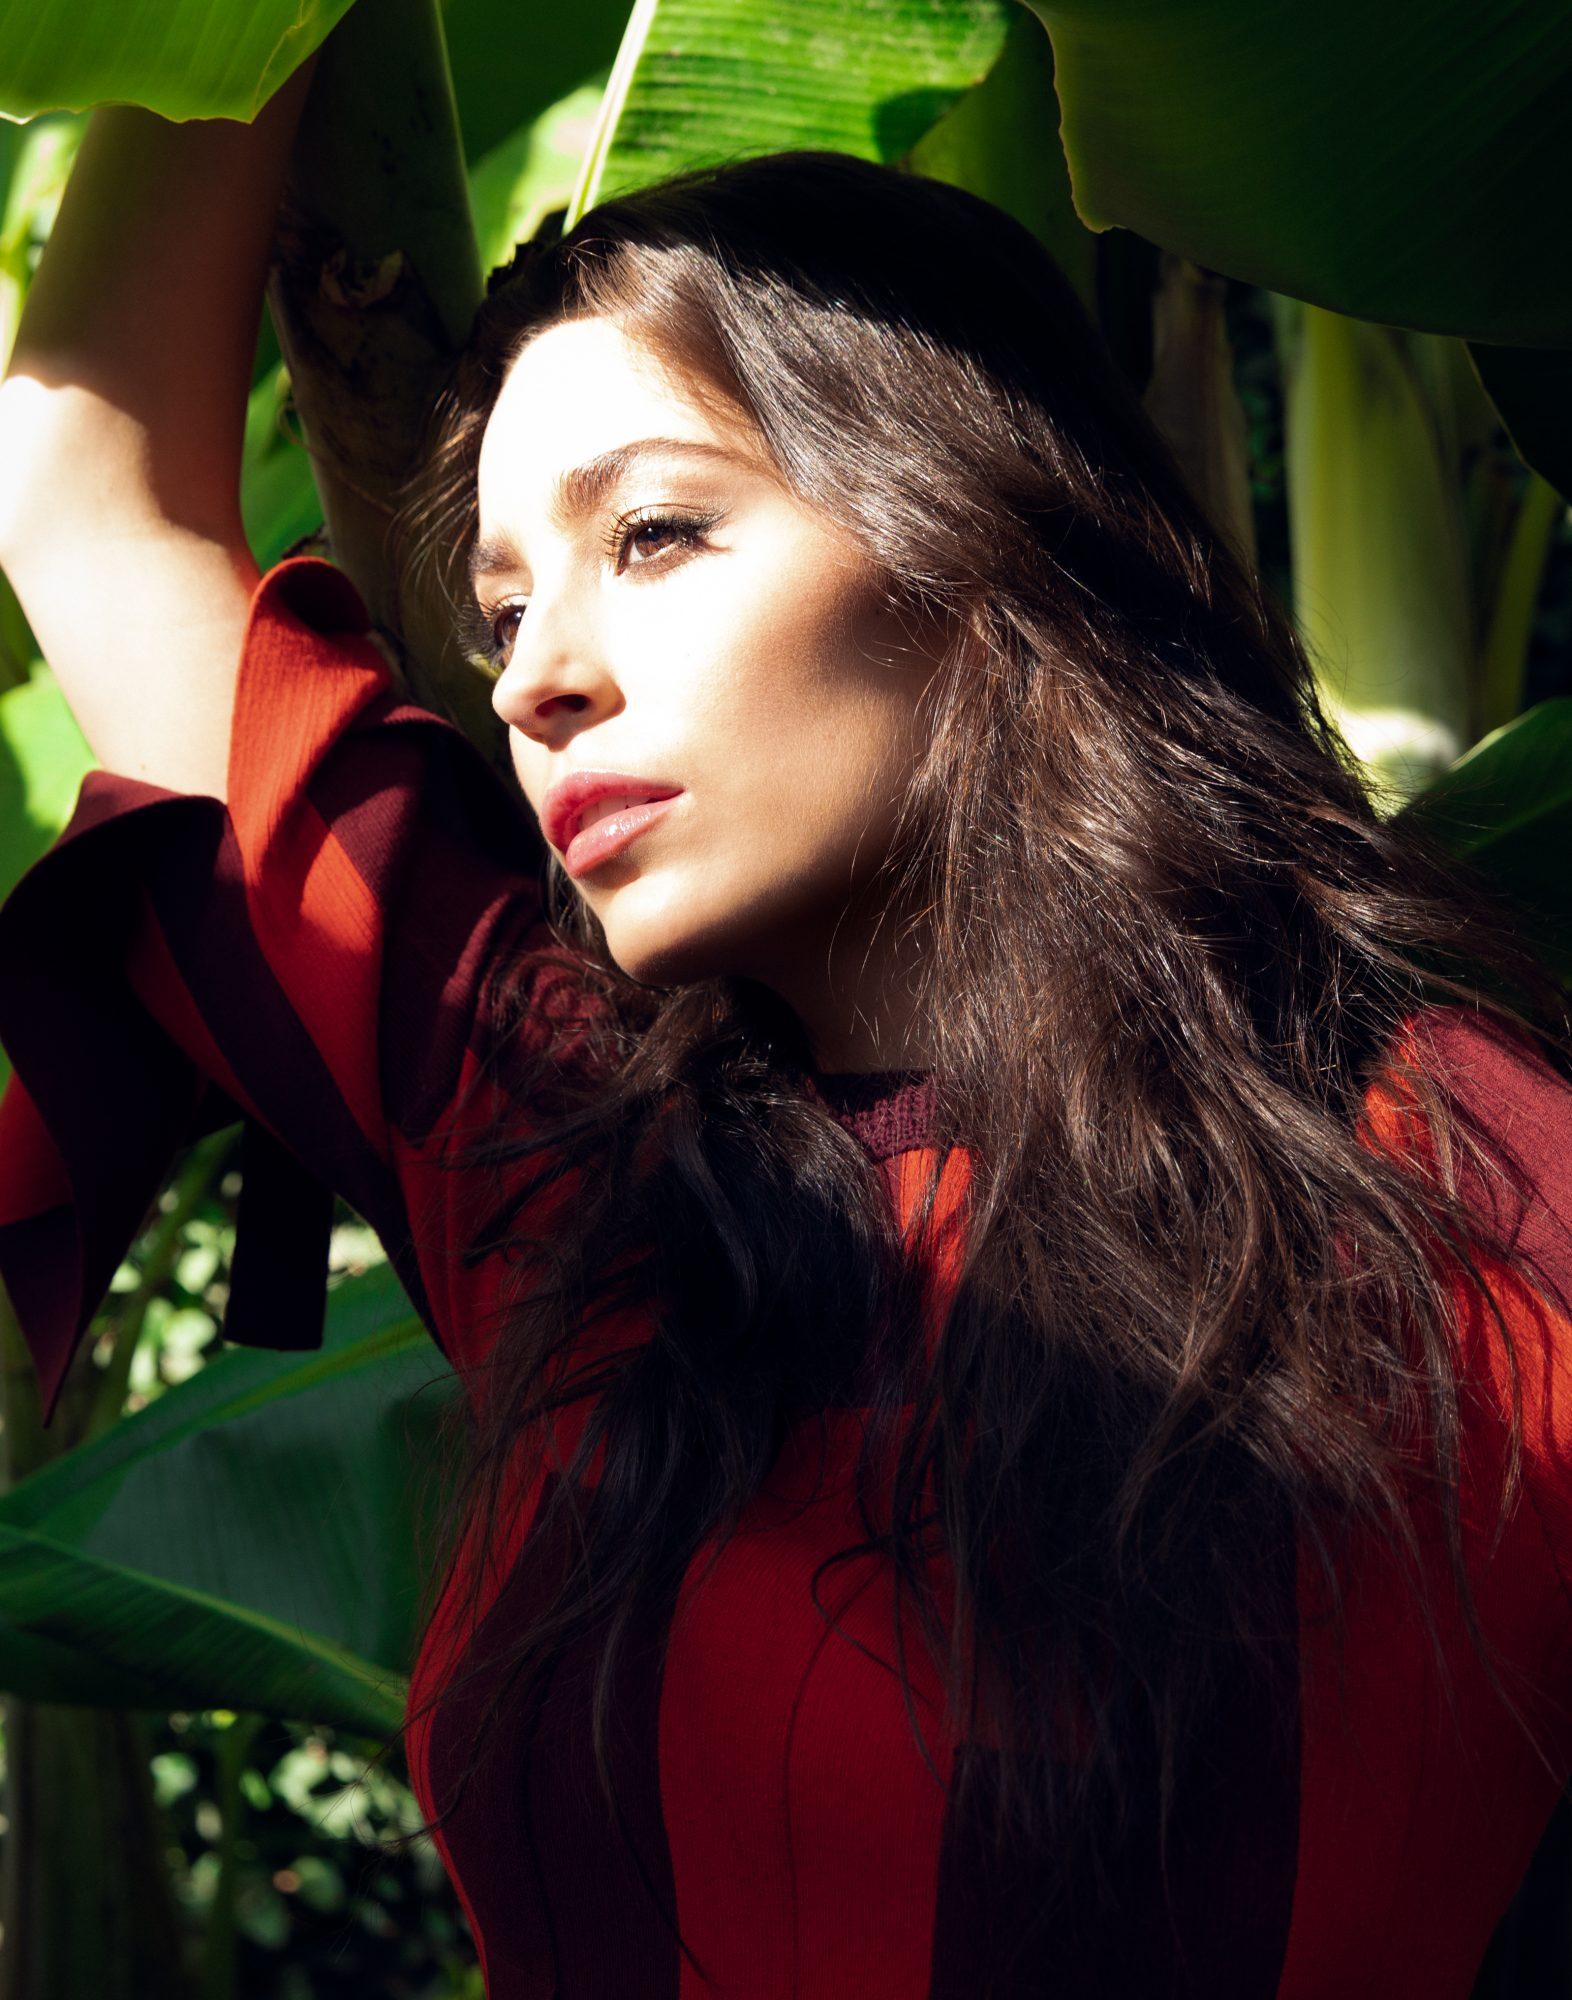 Alexxis Lemire